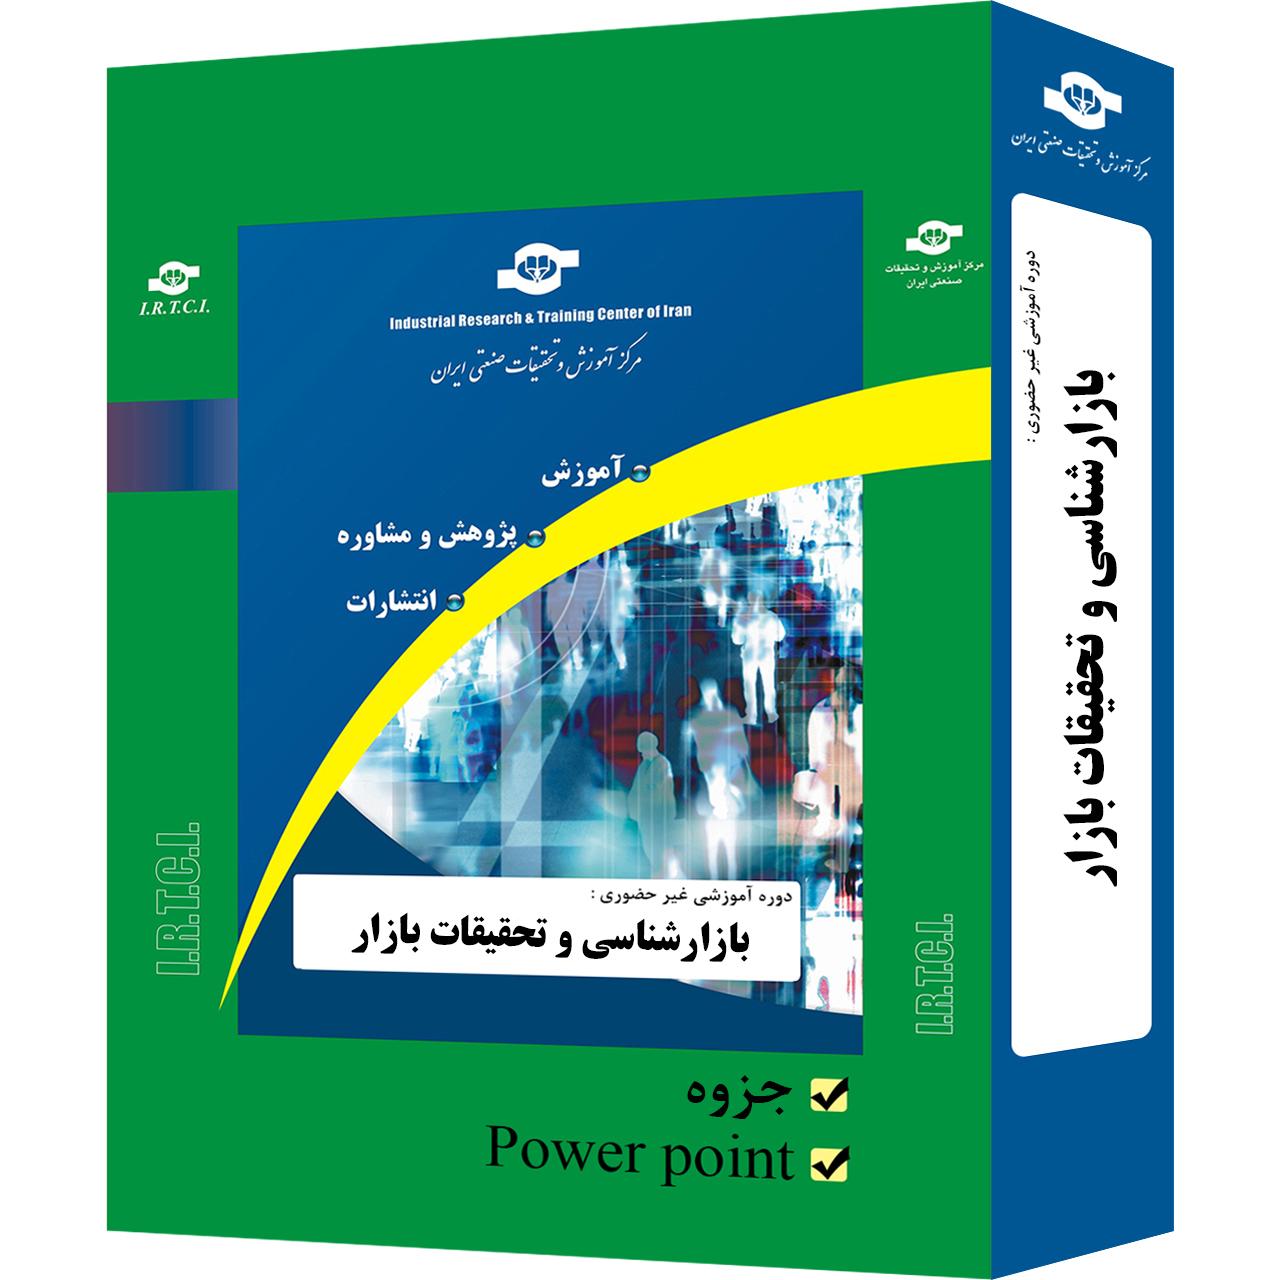 بسته آموزشی غیر حضوری  بازارشناسی و تحقیقات بازار تدوین مرکز آموزش و تحقیقات صنعتی ایران